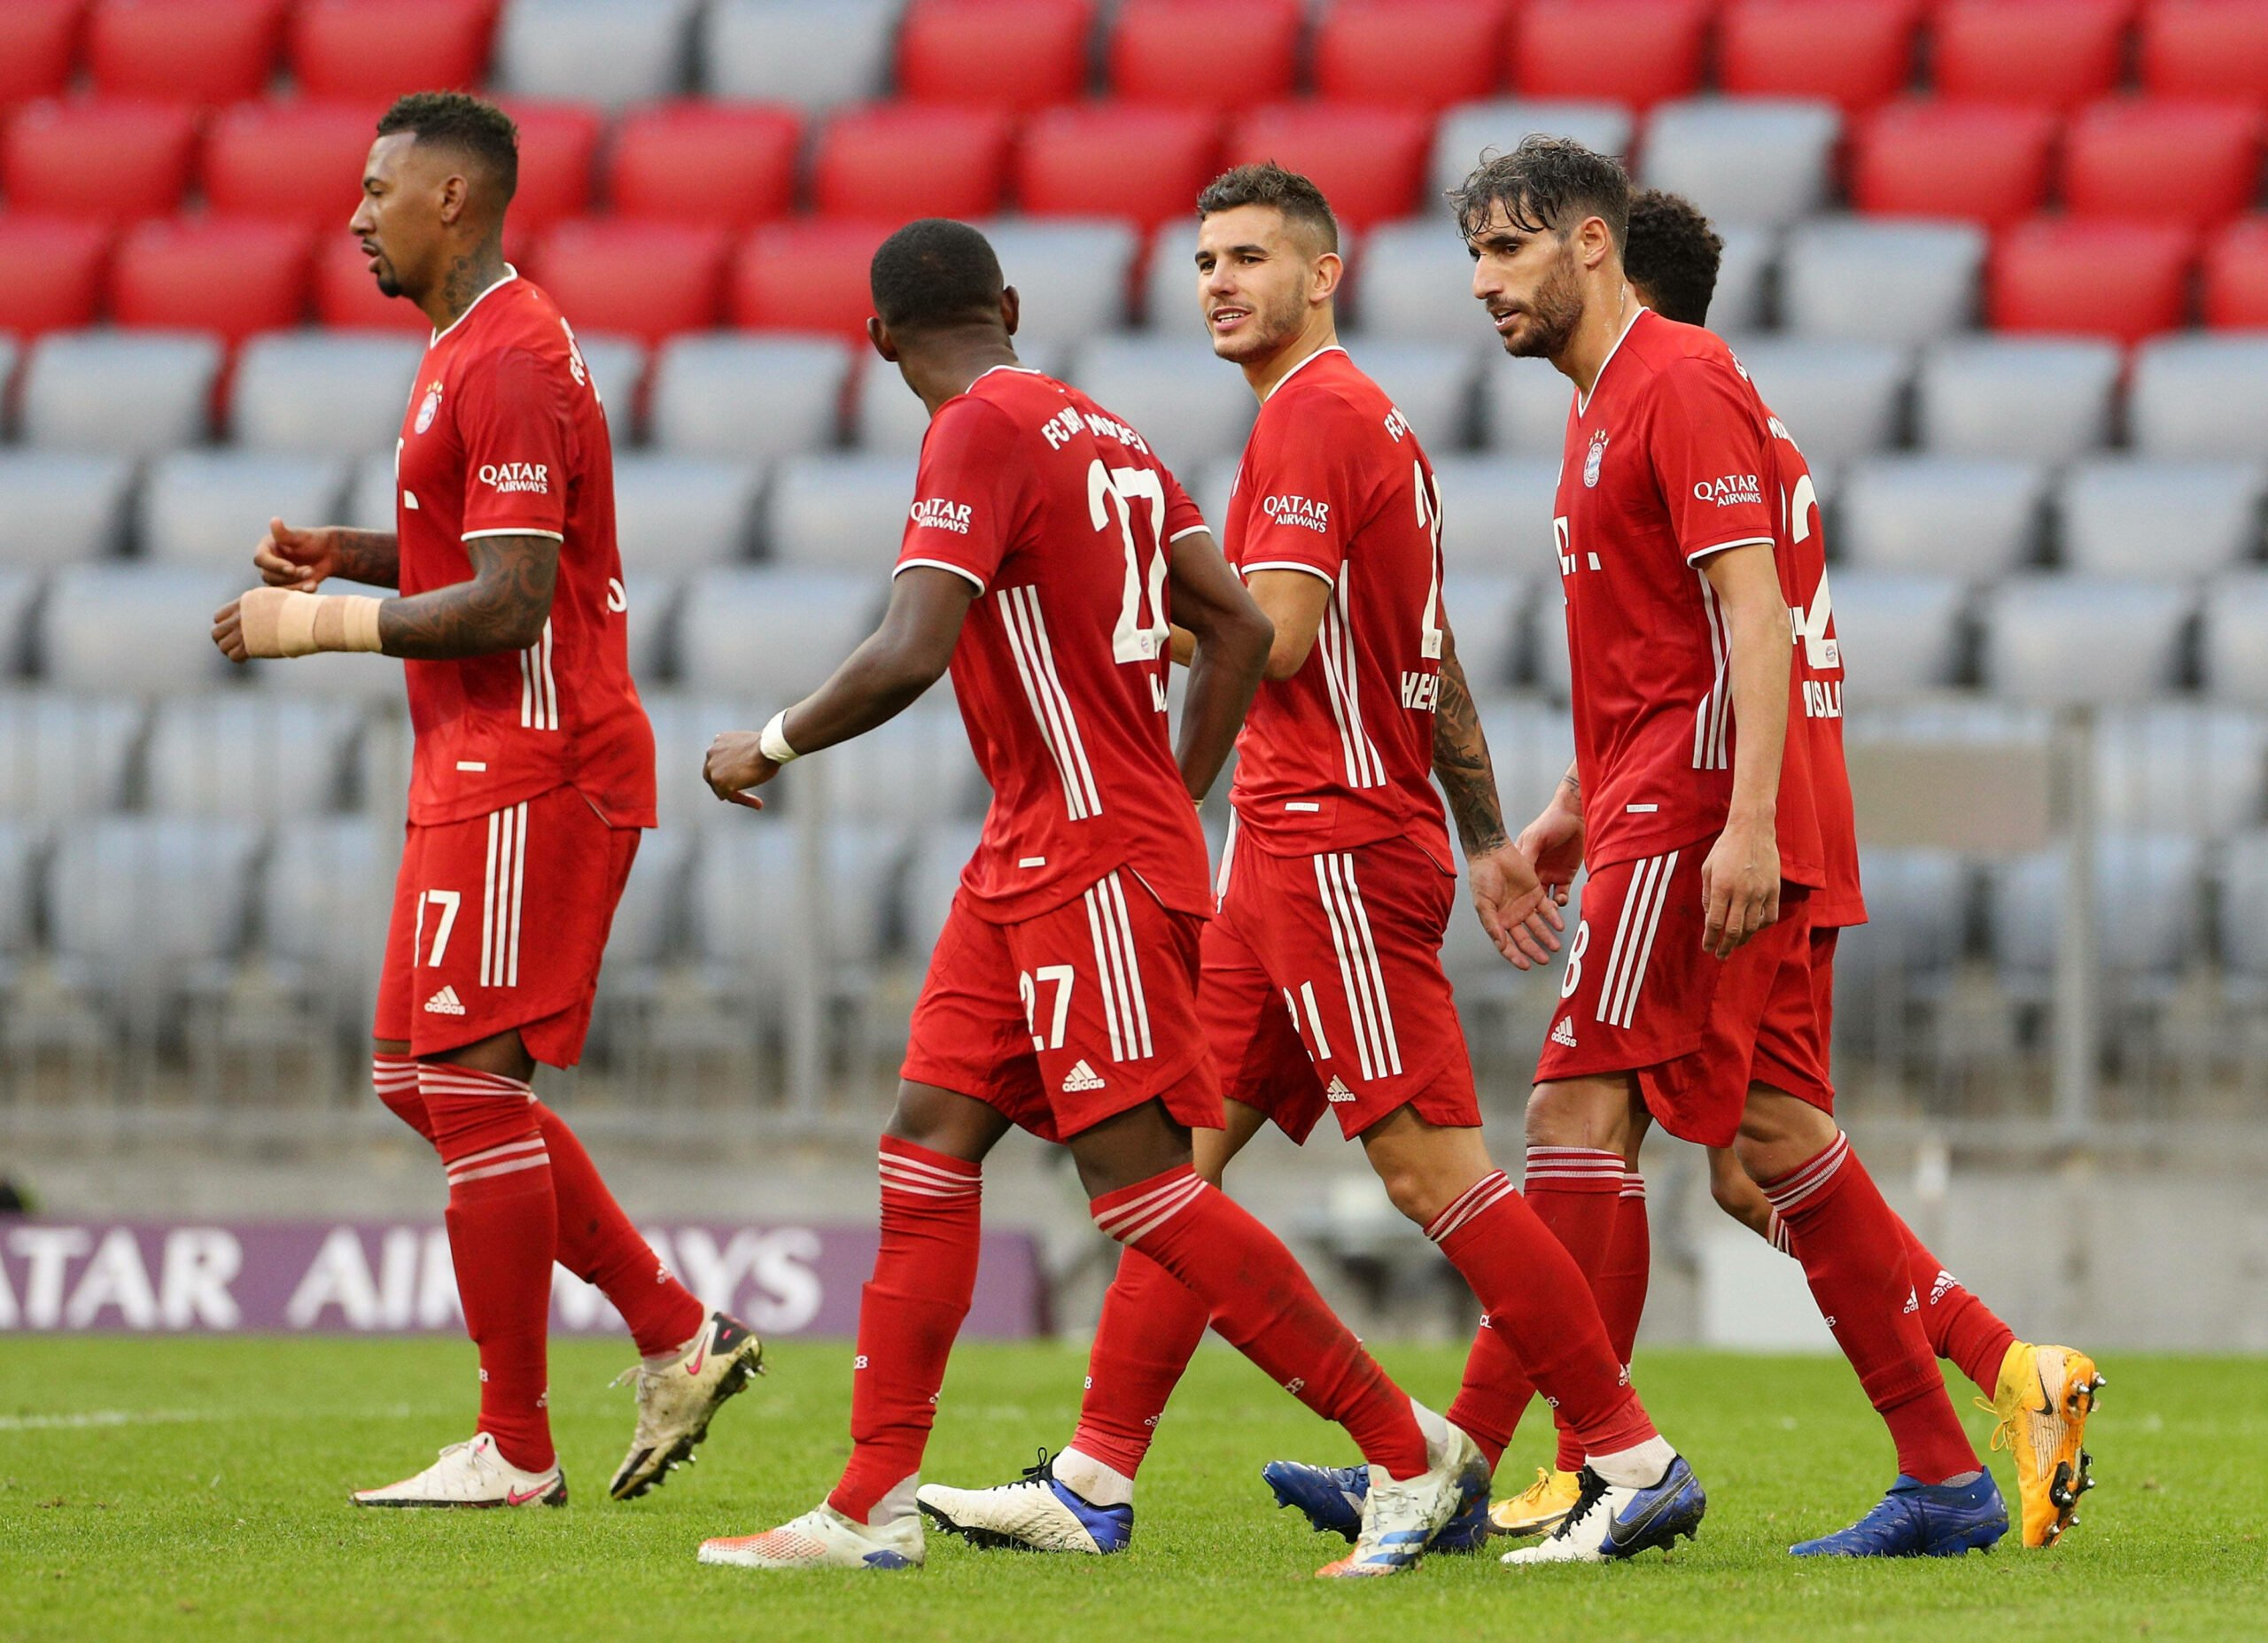 Das FC Bayern-Saisonzeugnis 2020/21: Die Abwehr